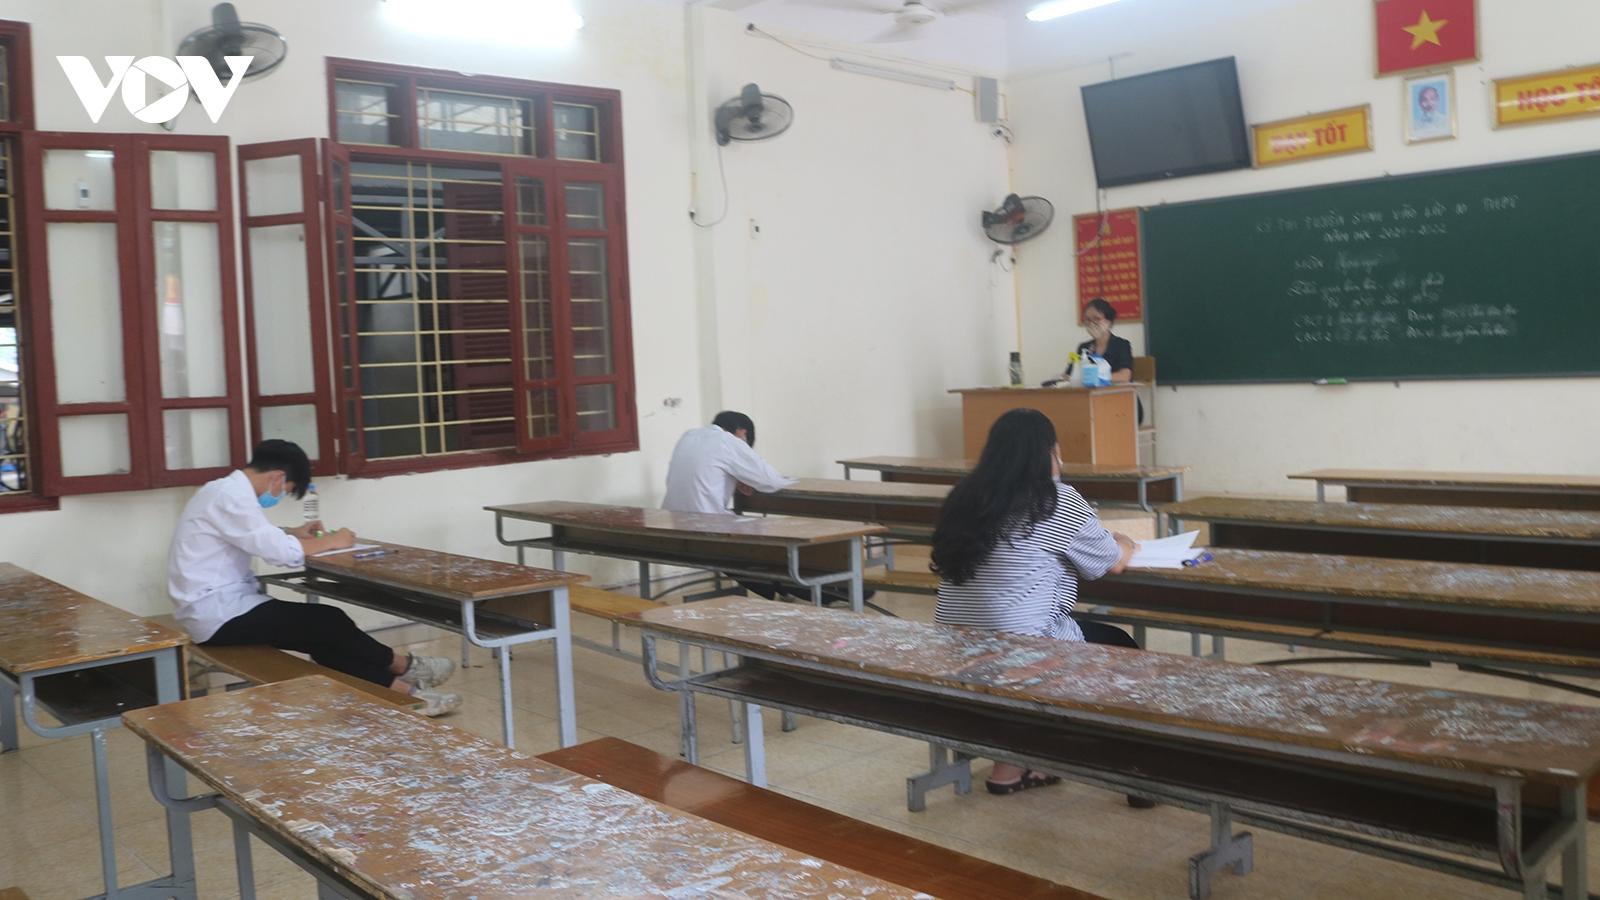 Hội đồng thi đặc biệt chỉ với 9 thí sinh trong kỳ thi vào lớp 10 tại Hải Phòng